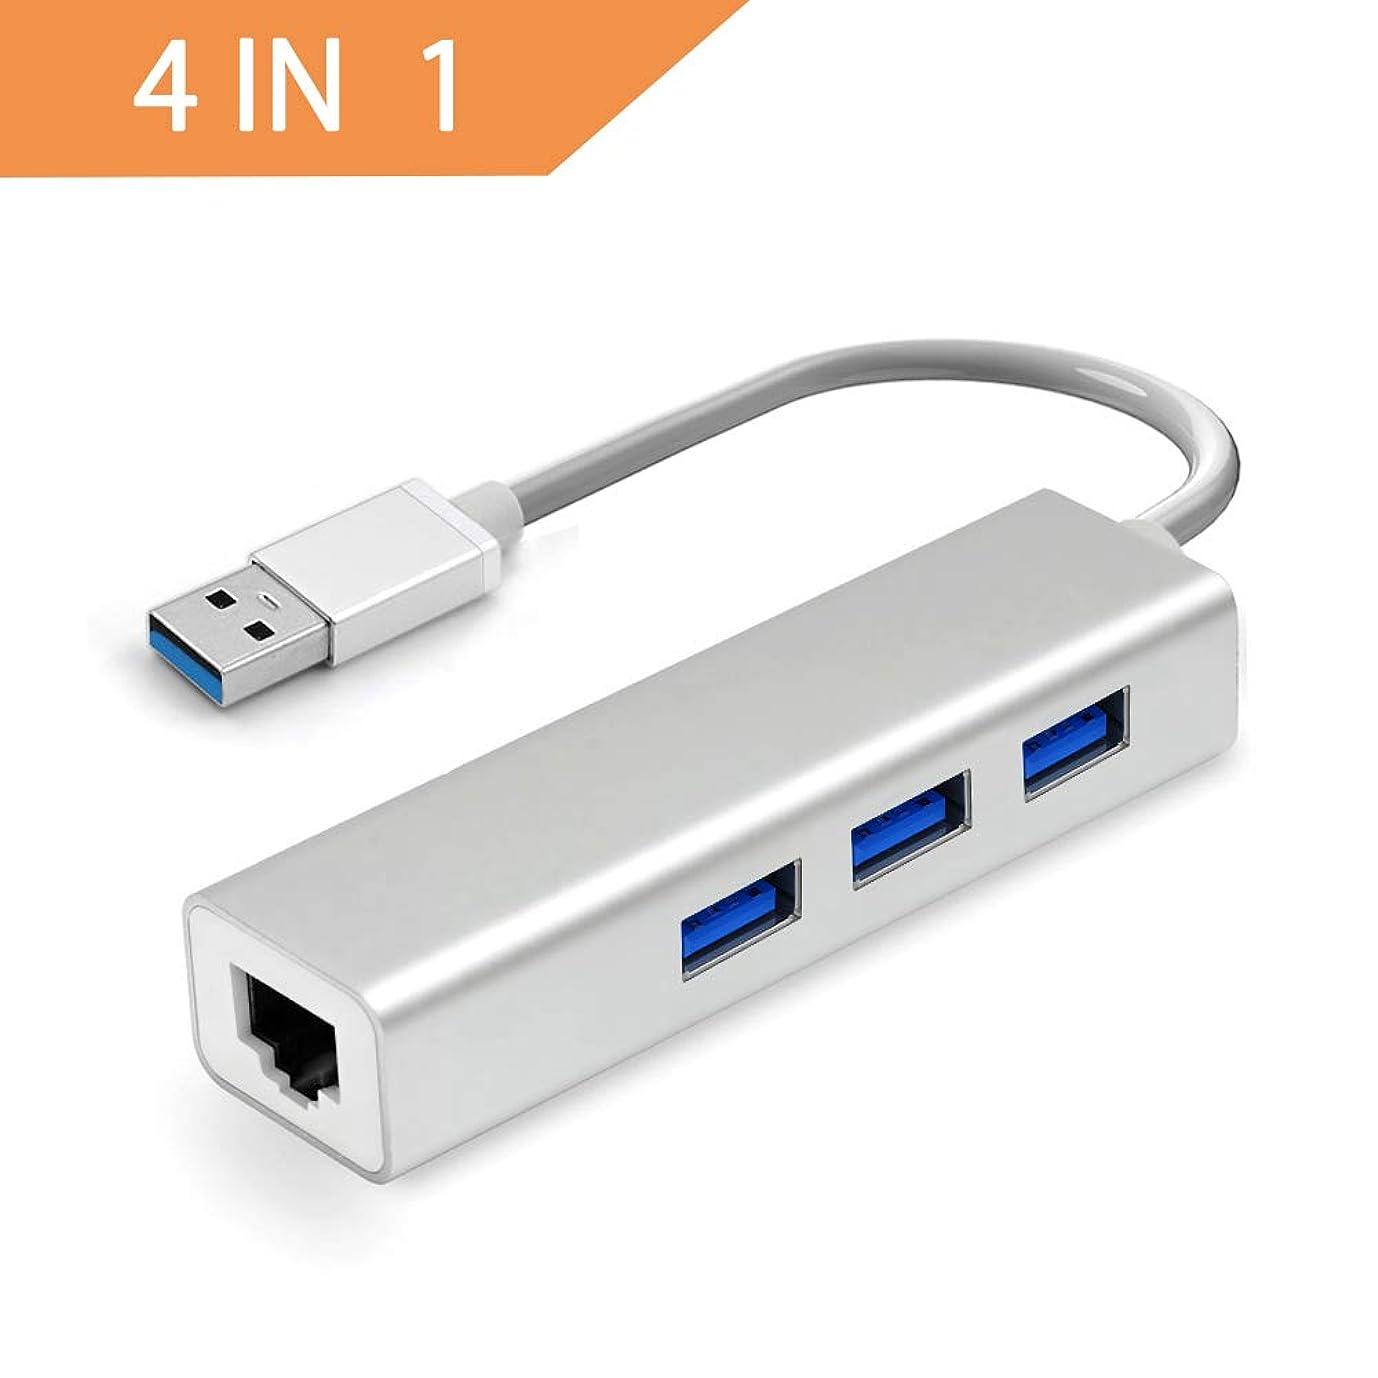 体の量津波USB C ハブ NOVOO USB3.0 TypeCアダプター HDMI SD MicroSD USB3.0 高速ポート*2 MacBook2016 MacBook Pro/ChromeBook対応 (グレー)